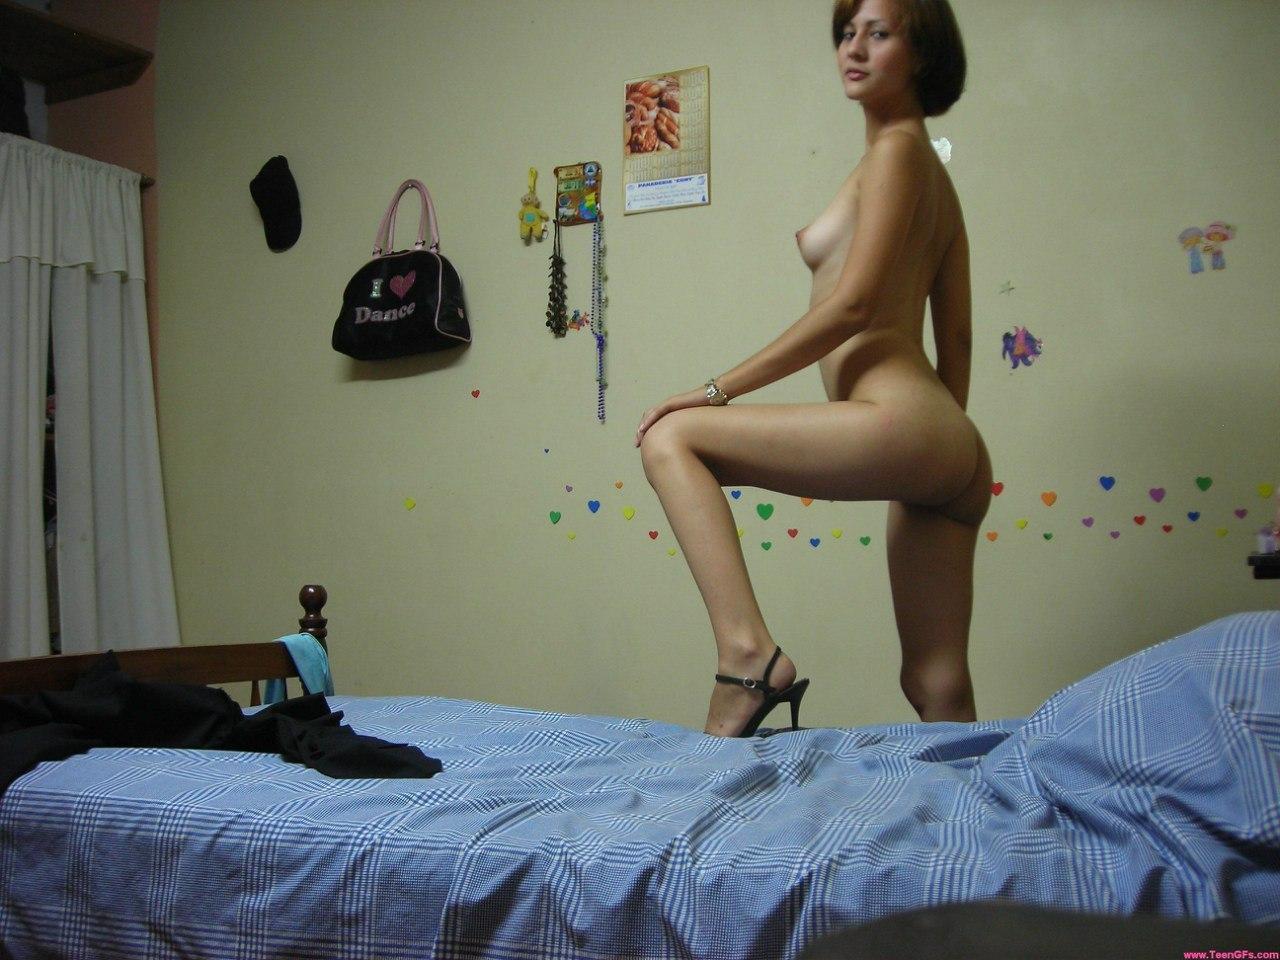 Стройная прелестница играет без трусов в своей спальне